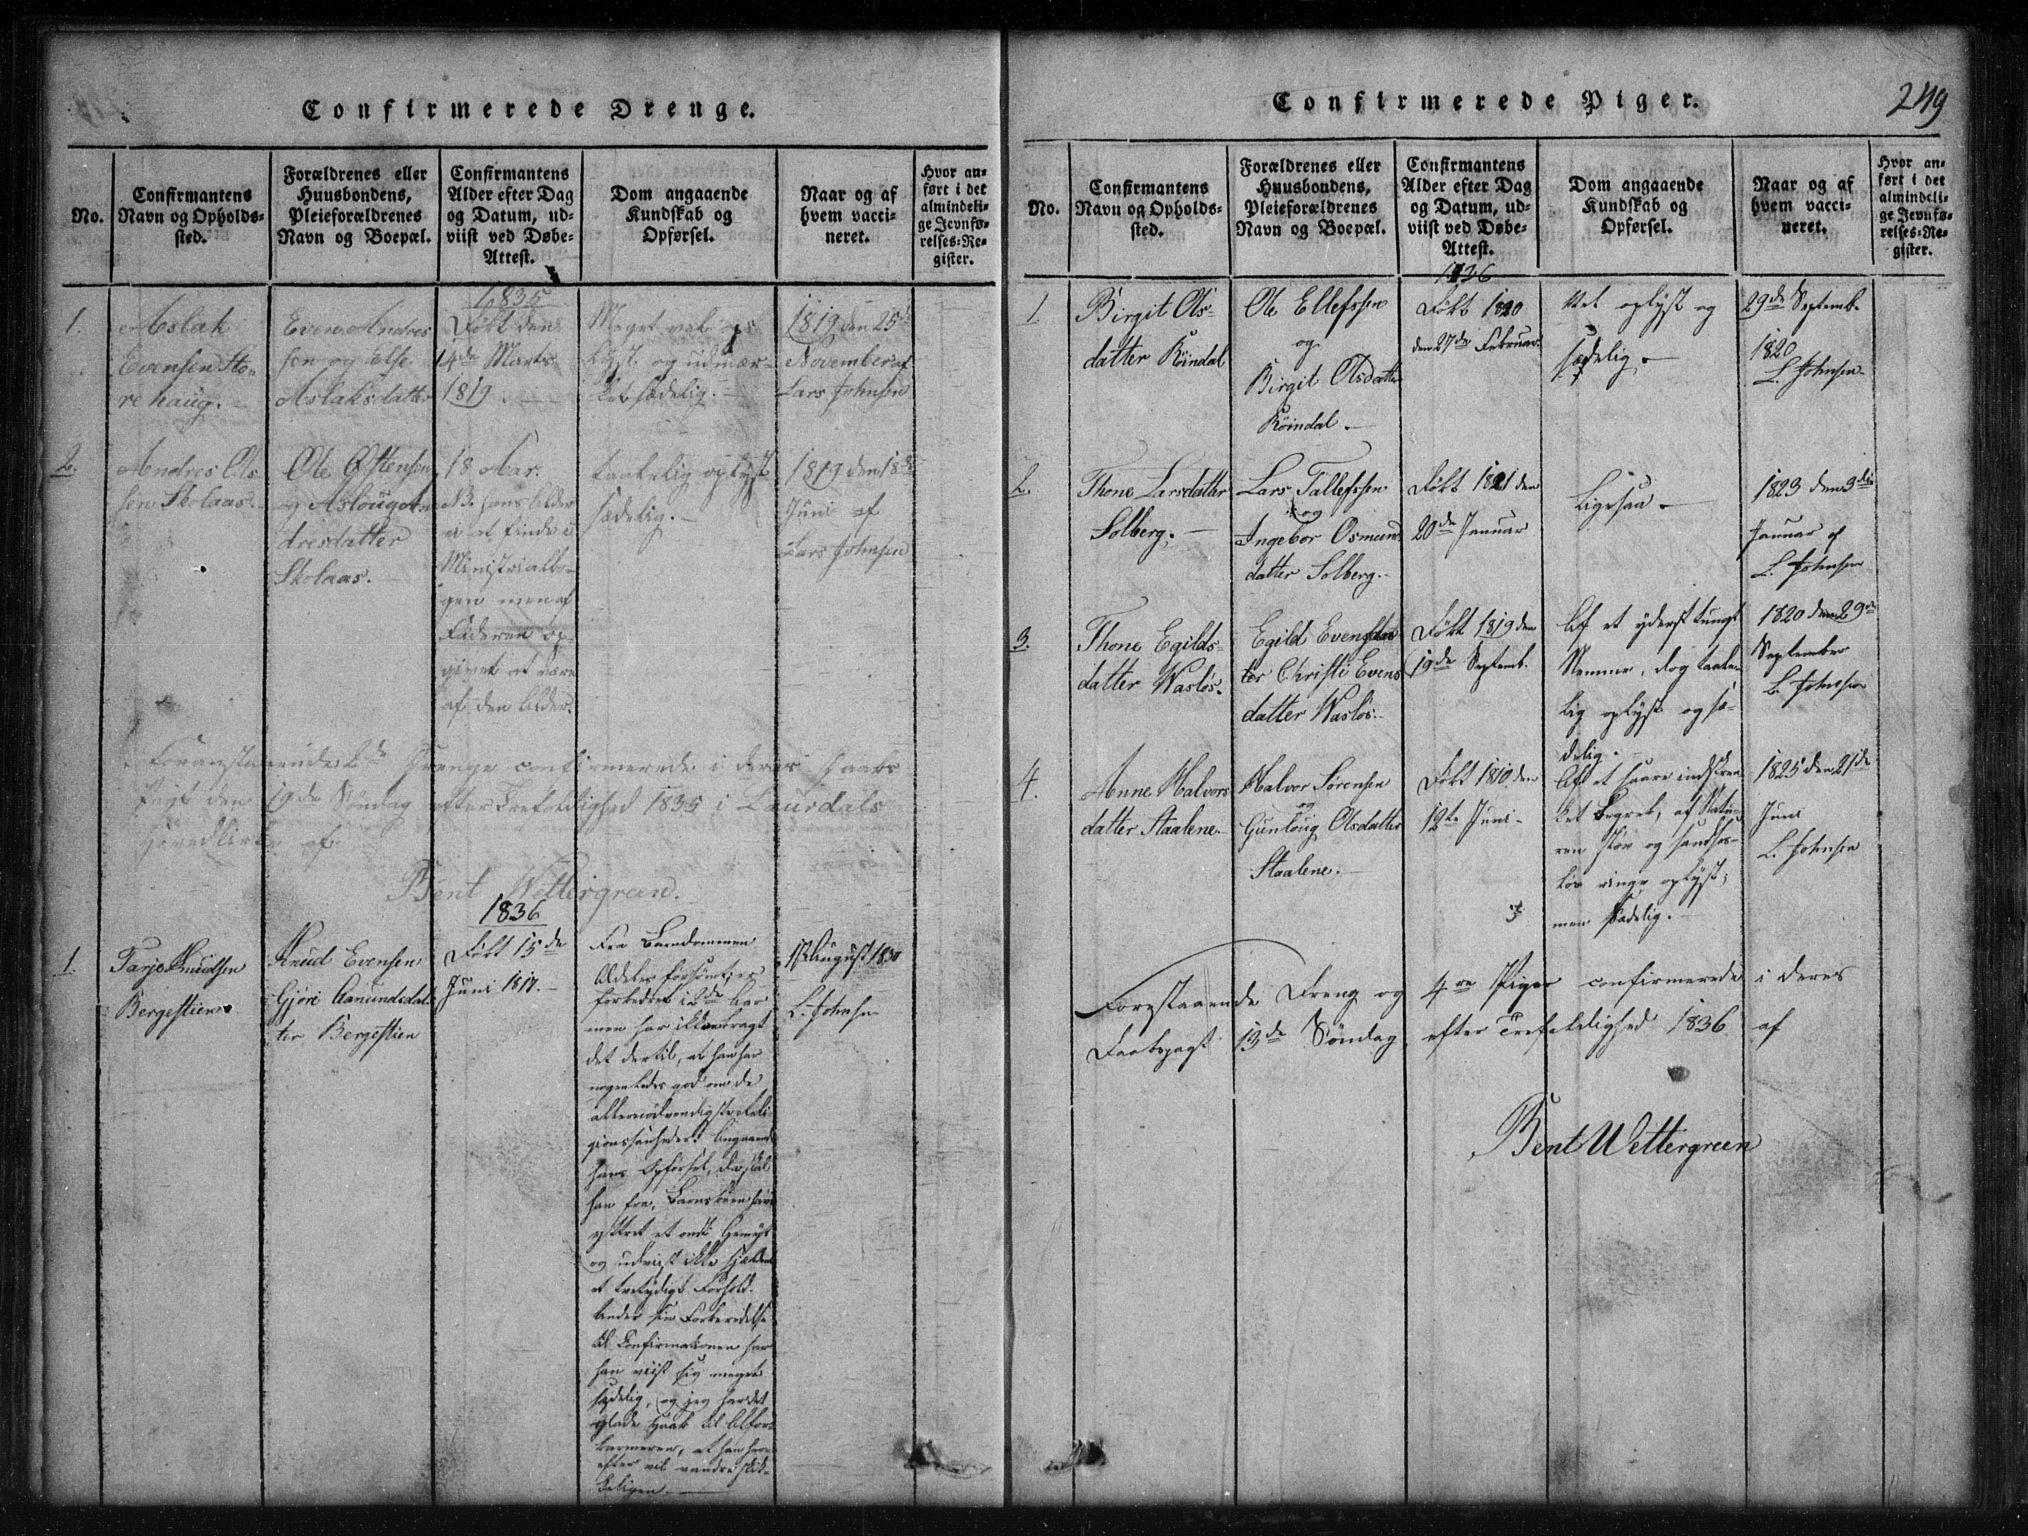 SAKO, Rauland kirkebøker, G/Gb/L0001: Klokkerbok nr. II 1, 1815-1886, s. 249